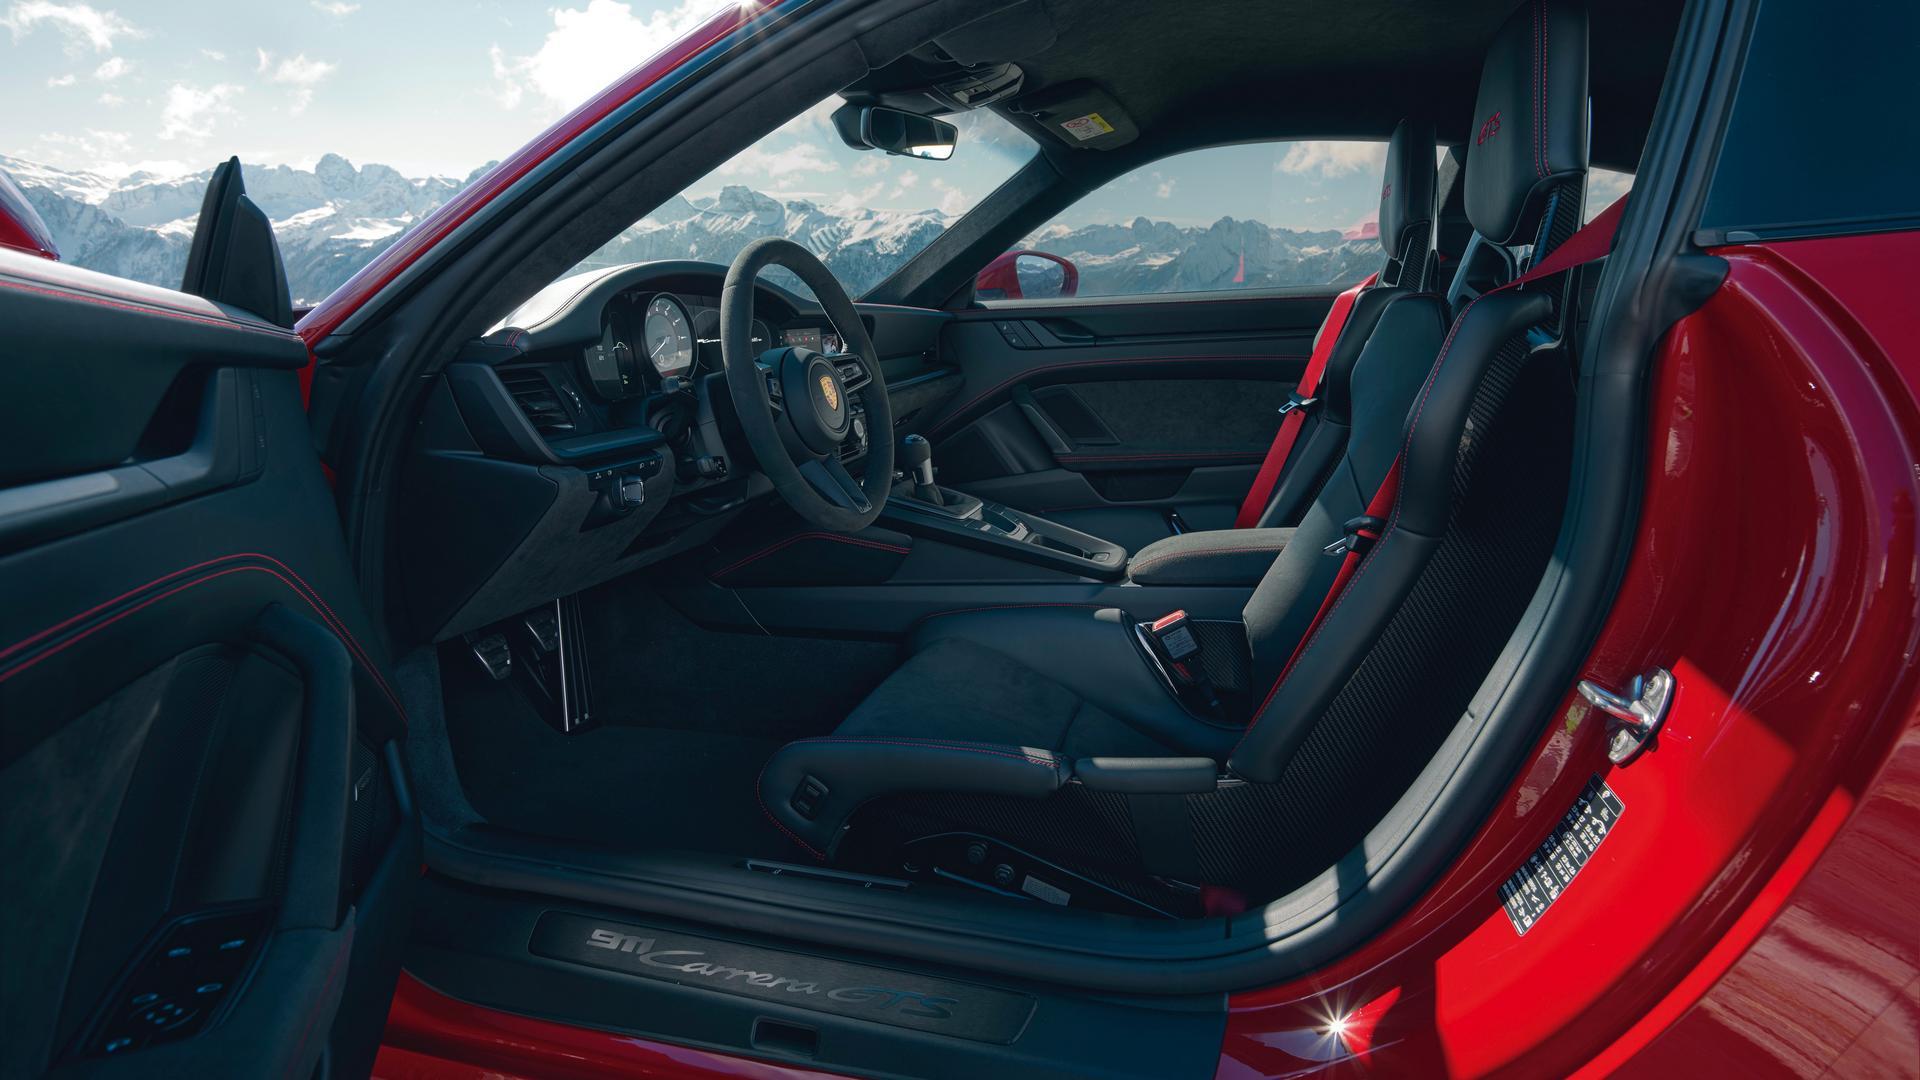 Porsche 911 GTS seats